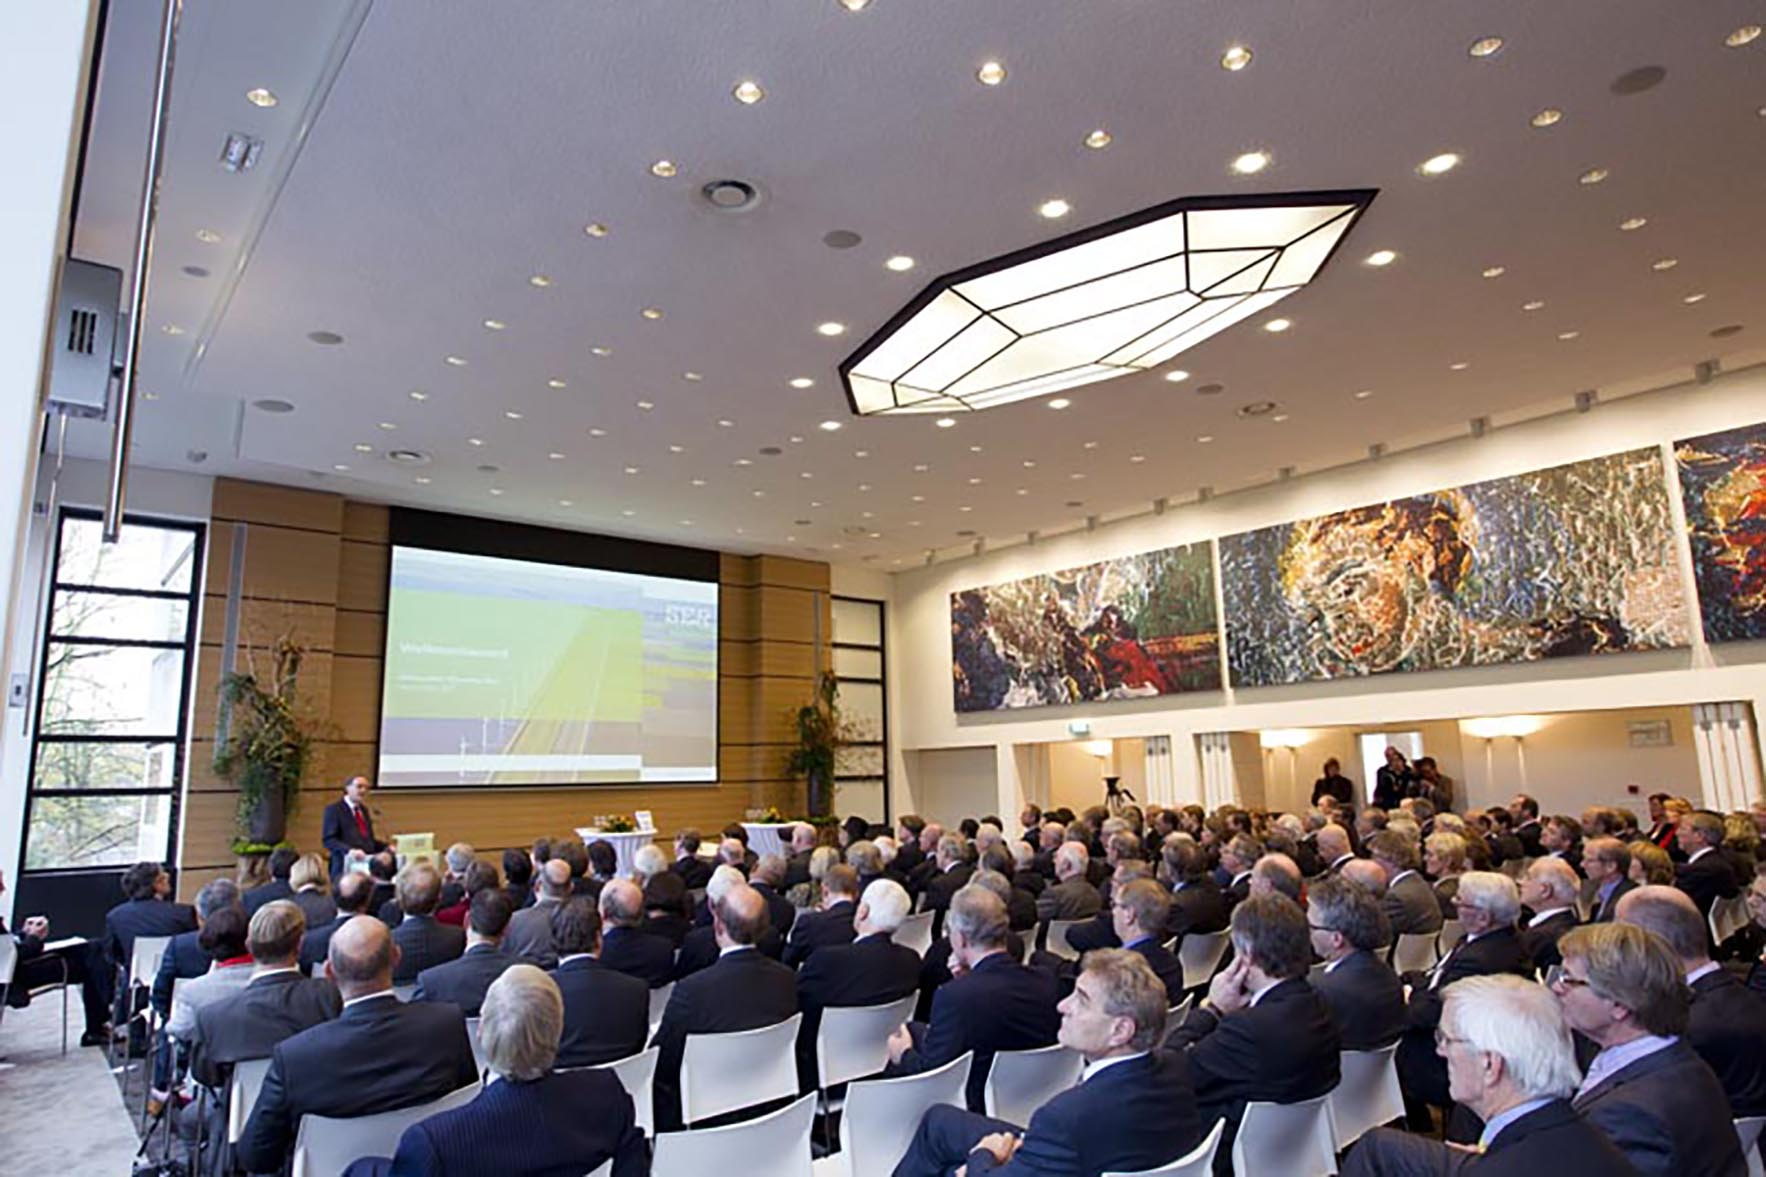 KONIGIN BIJ JUBILEUMCONGRES 60 JAAR SER: VEERKRACHT EN VERTROUWEN:DEN HAAG;25NOV2010- HKH Koningin Beatrix was aanwezig bij het jubileumcongres van de SER, 60 jaar SER: veerkracht en vertrouwen. Koningin Beatrix nam het eerste exemplaar van het jubileumboek in ontvangst.  Foto: Dirk Hol  naamsvermelding verplicht.